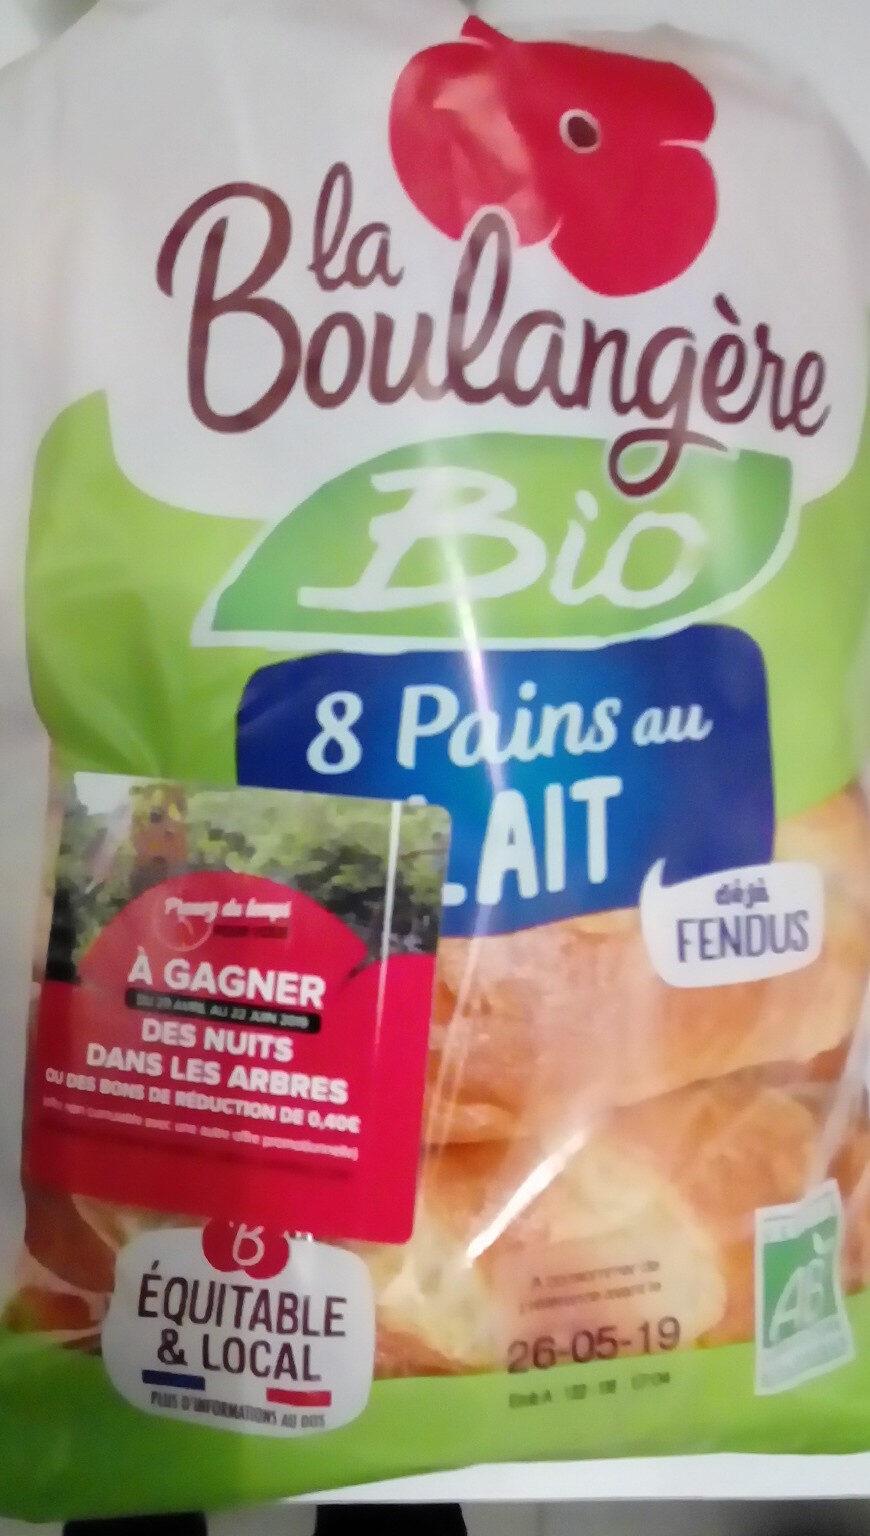 8 pains au lait - Product - fr